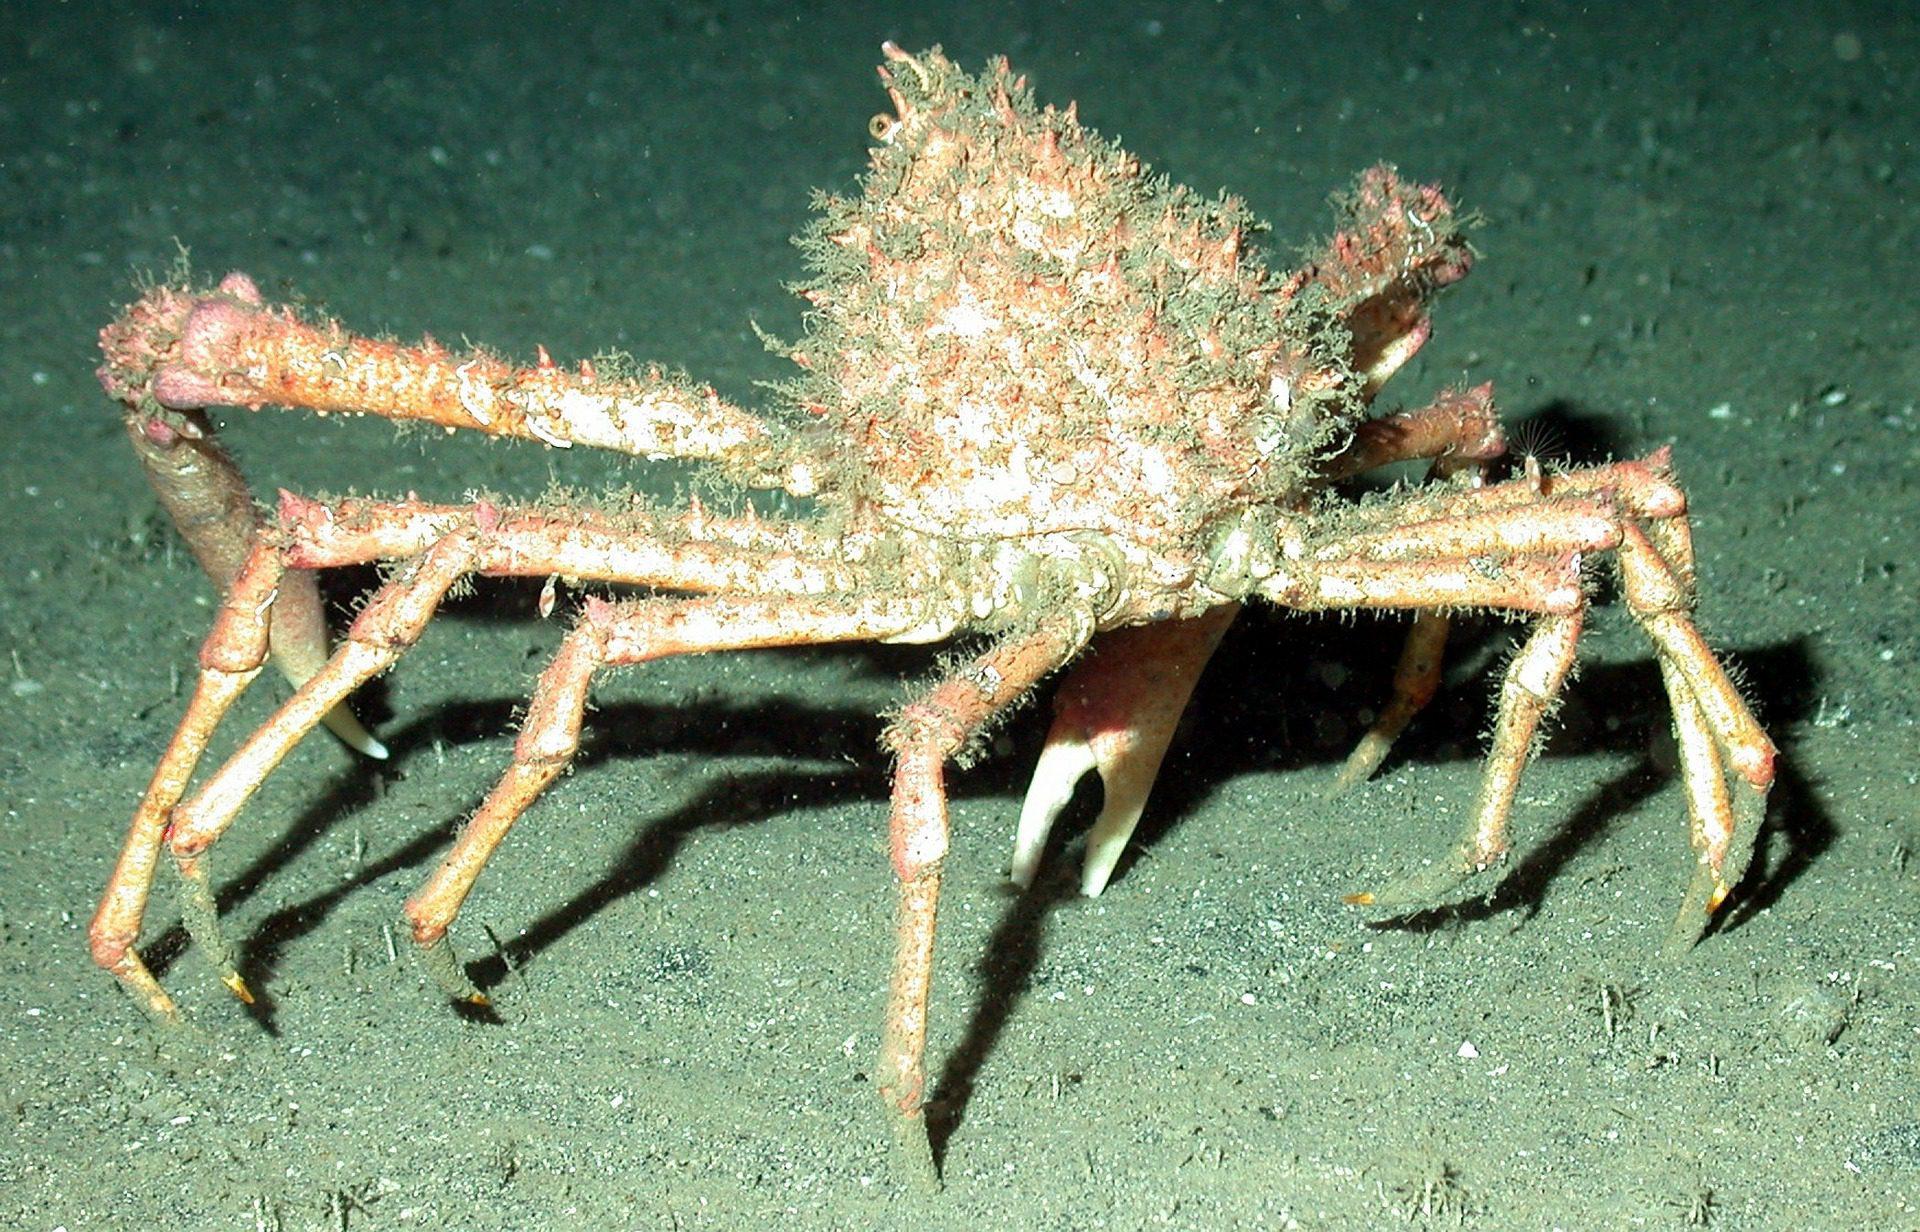 Cornish king crab